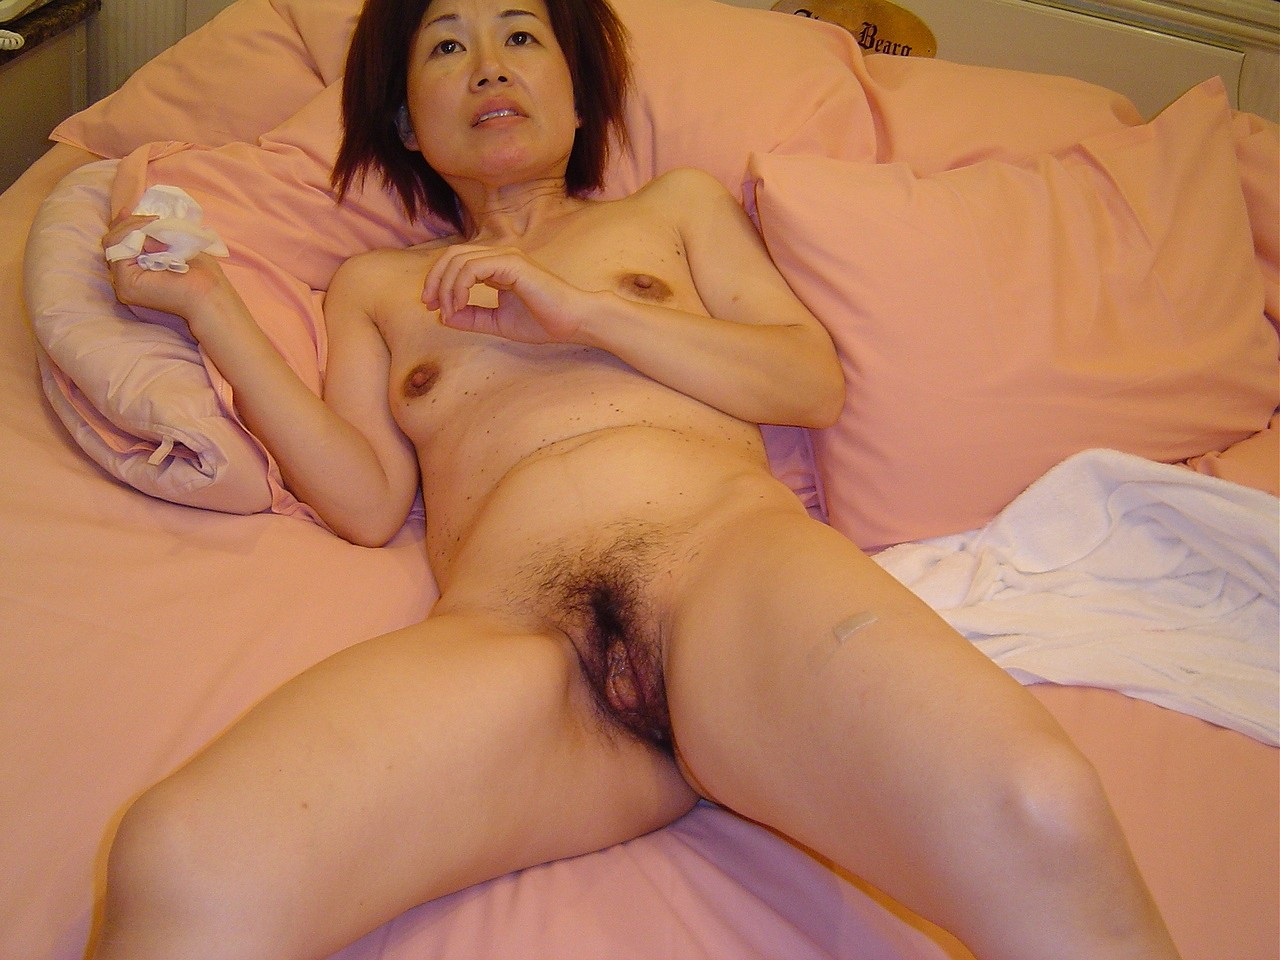 Японское порно взрослых, Зрелые японки - порно видео зрелых (старых) японок 2 фотография